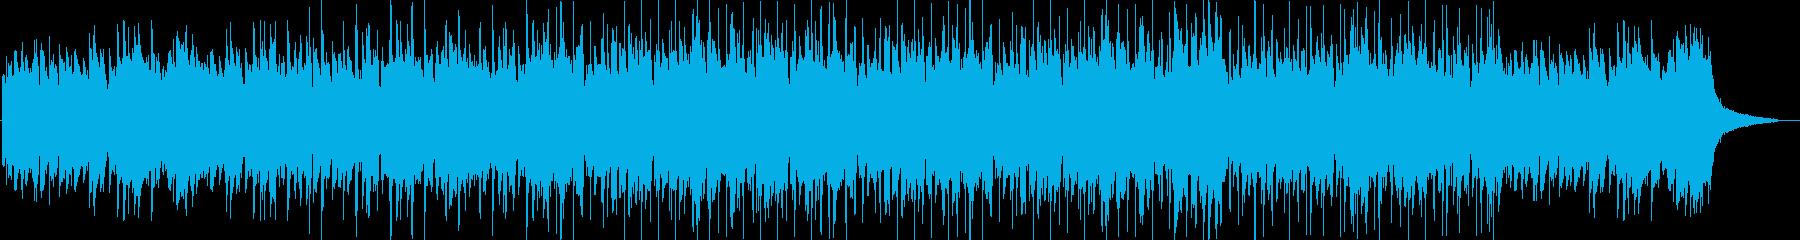 クール・ピアノ・映像・イベント用の再生済みの波形